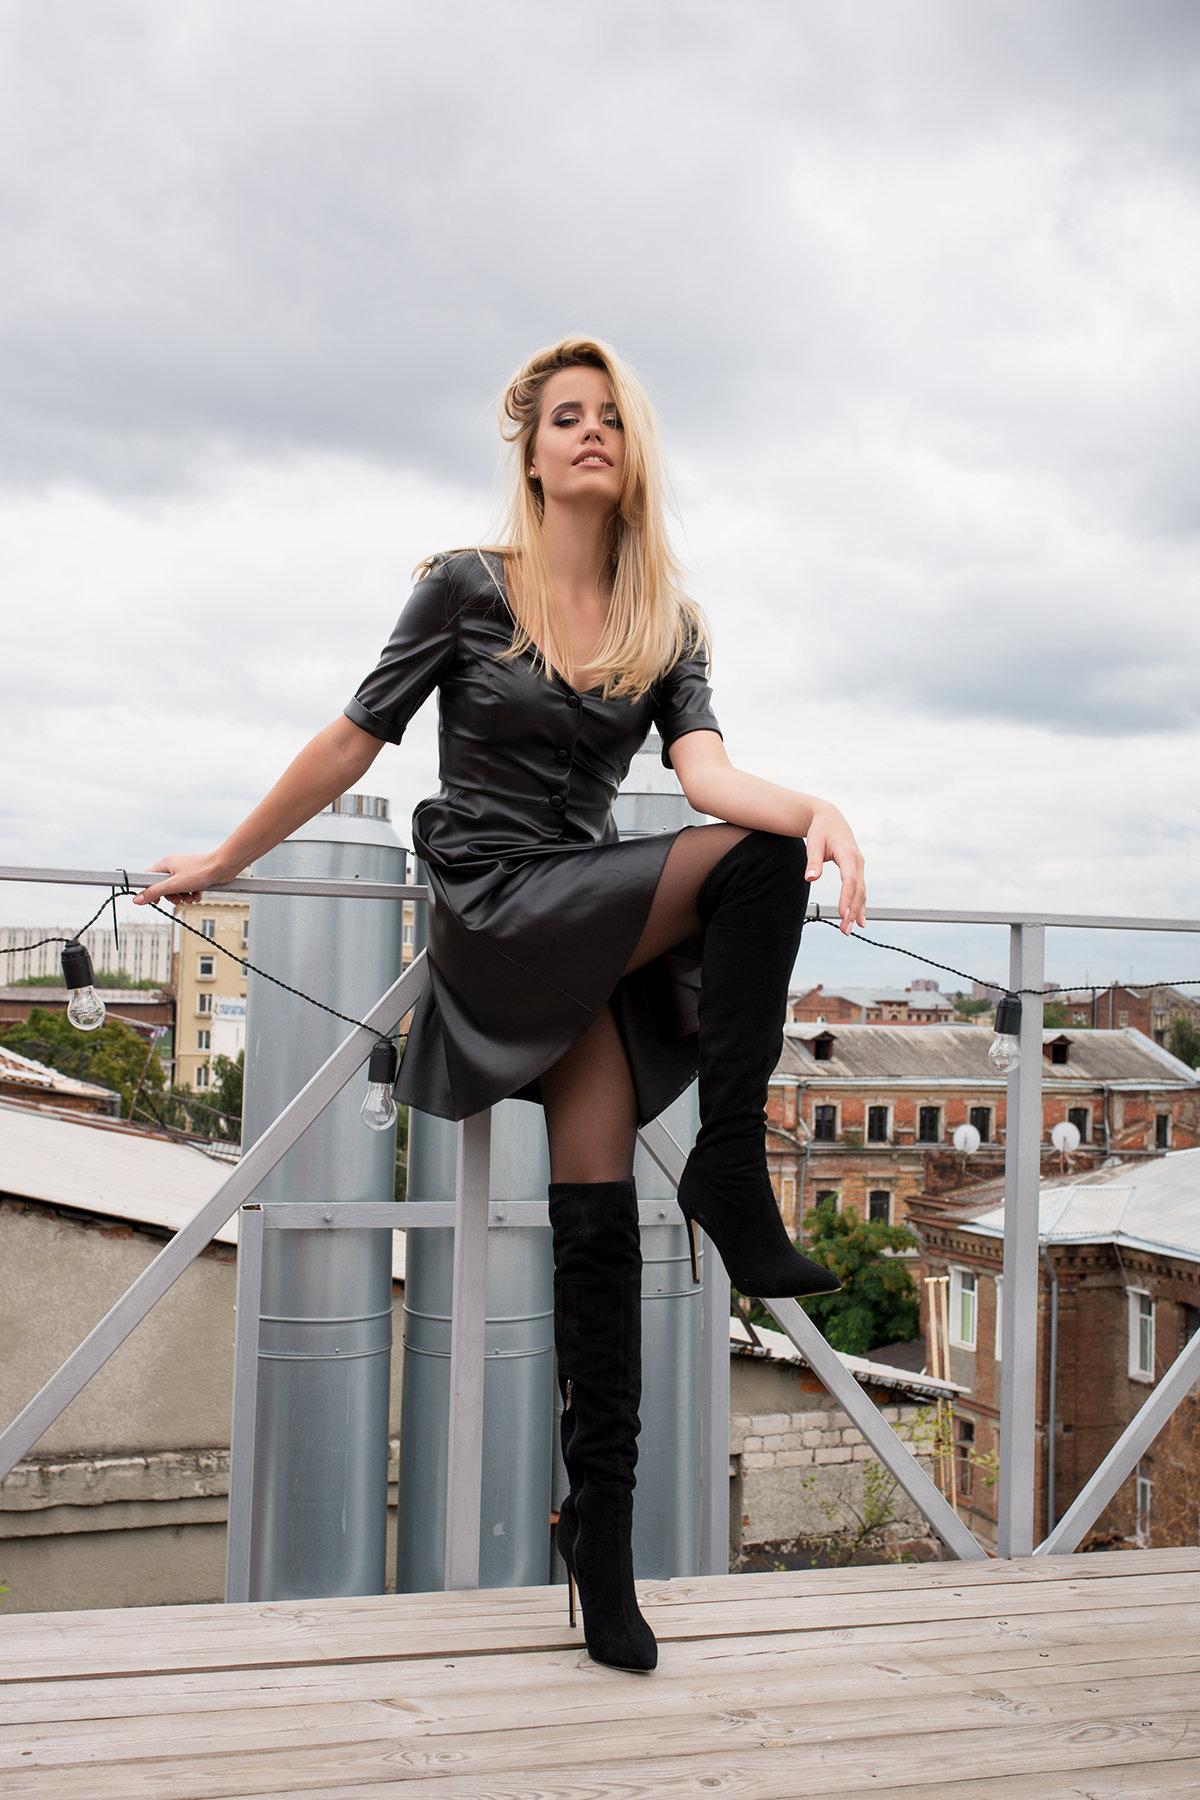 Платье из экокожи Фернанда 7783 АРТ. 43671 Цвет: Черный - фото 2, интернет магазин tm-modus.ru